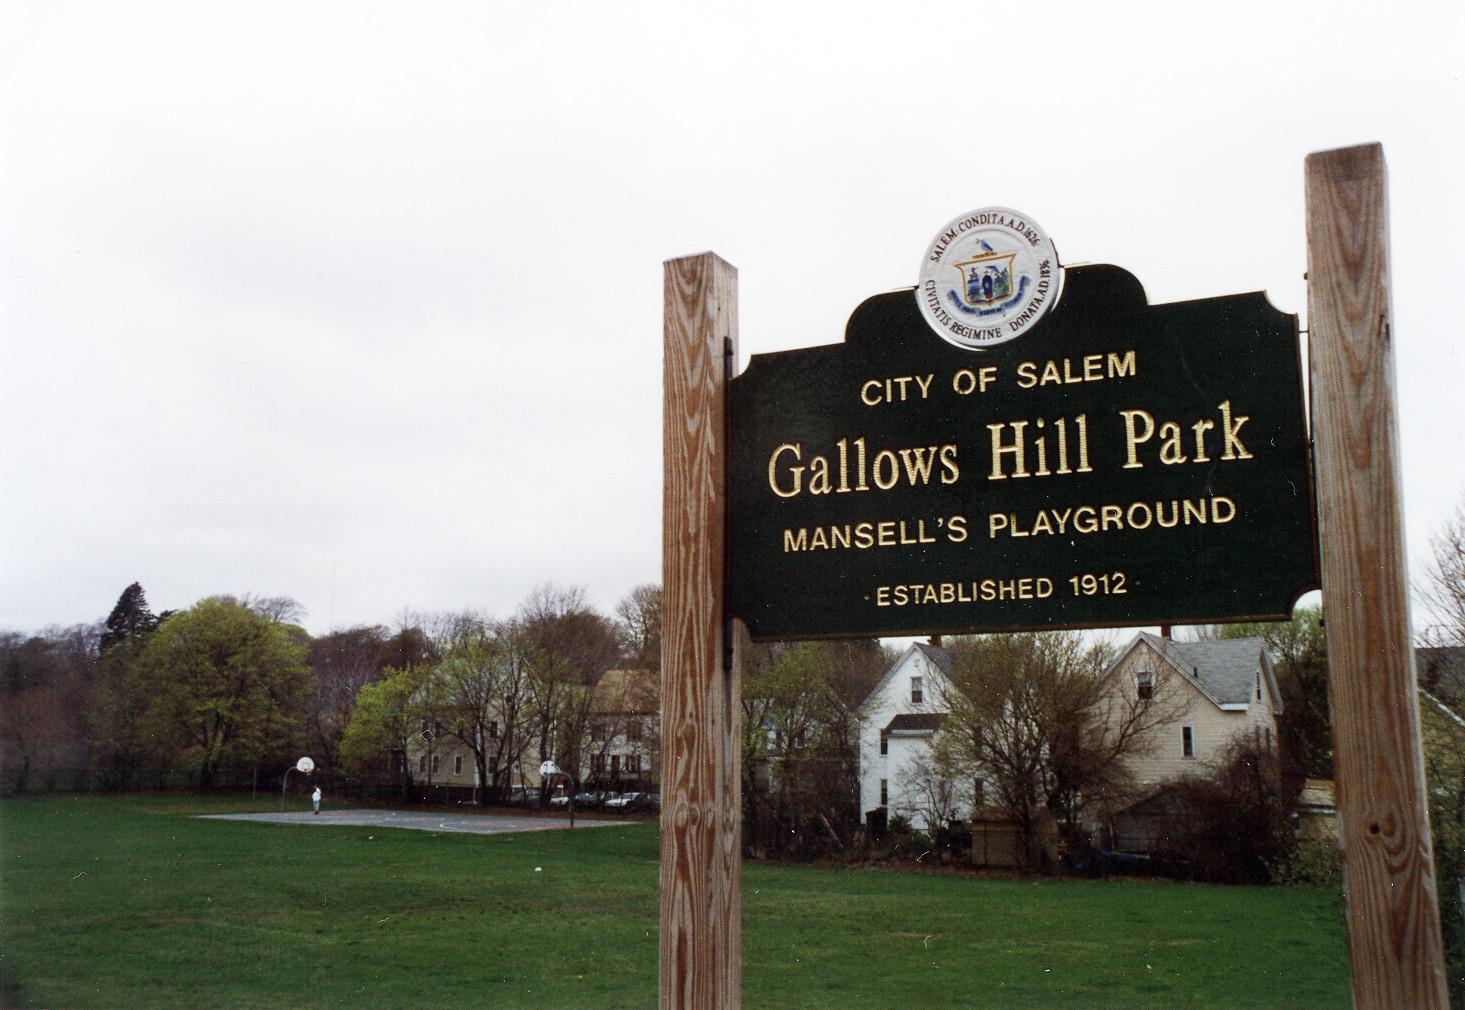 Gallows Hill Park